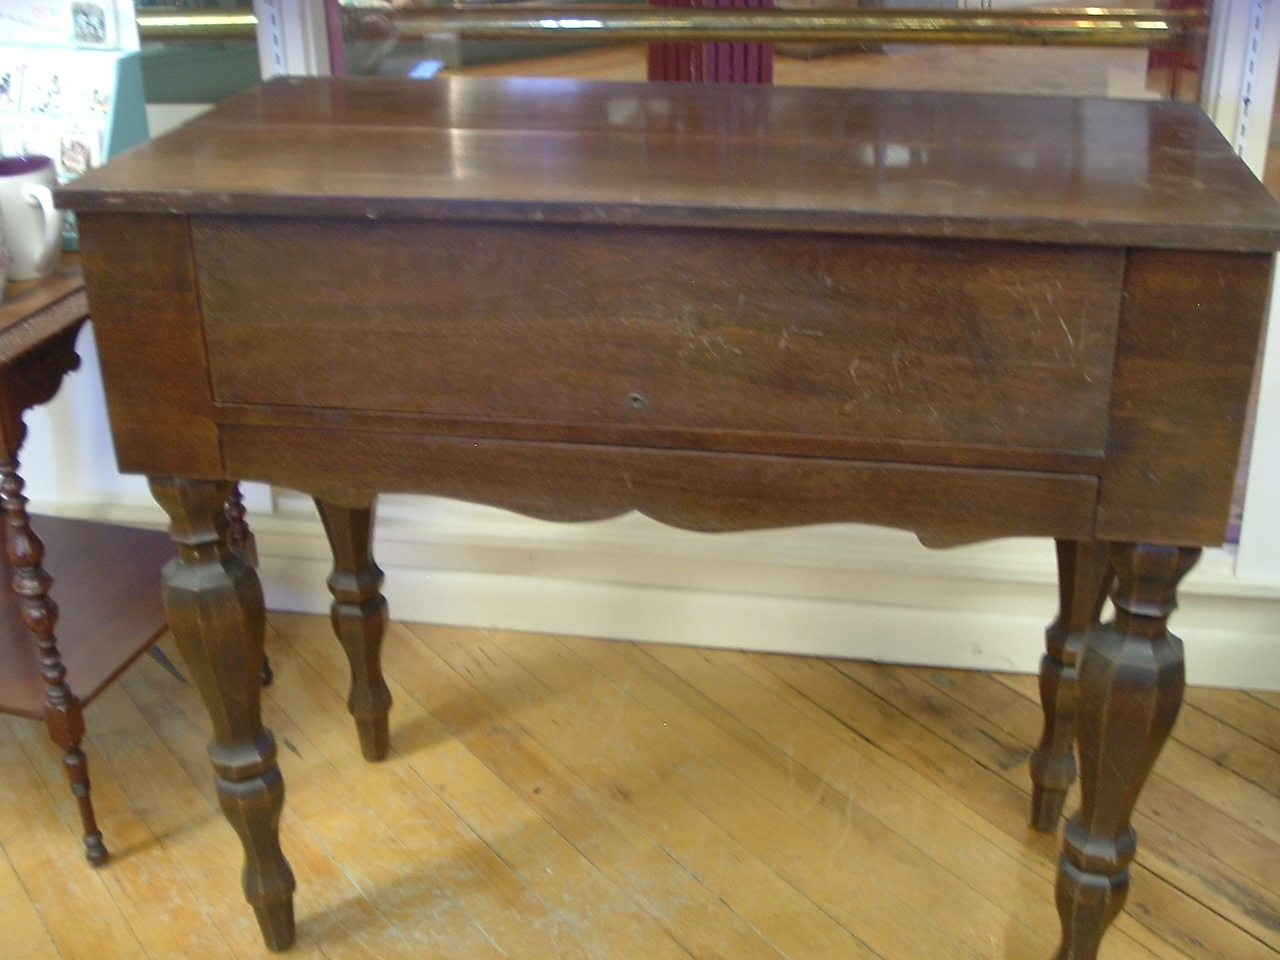 Antique spinet writing desk - Filing Cabinet: Antique Spinet Writing Desk -  Antique Spinet Desk. Antique Flip Top ... - Antique Flip Top Desk Antique Furniture